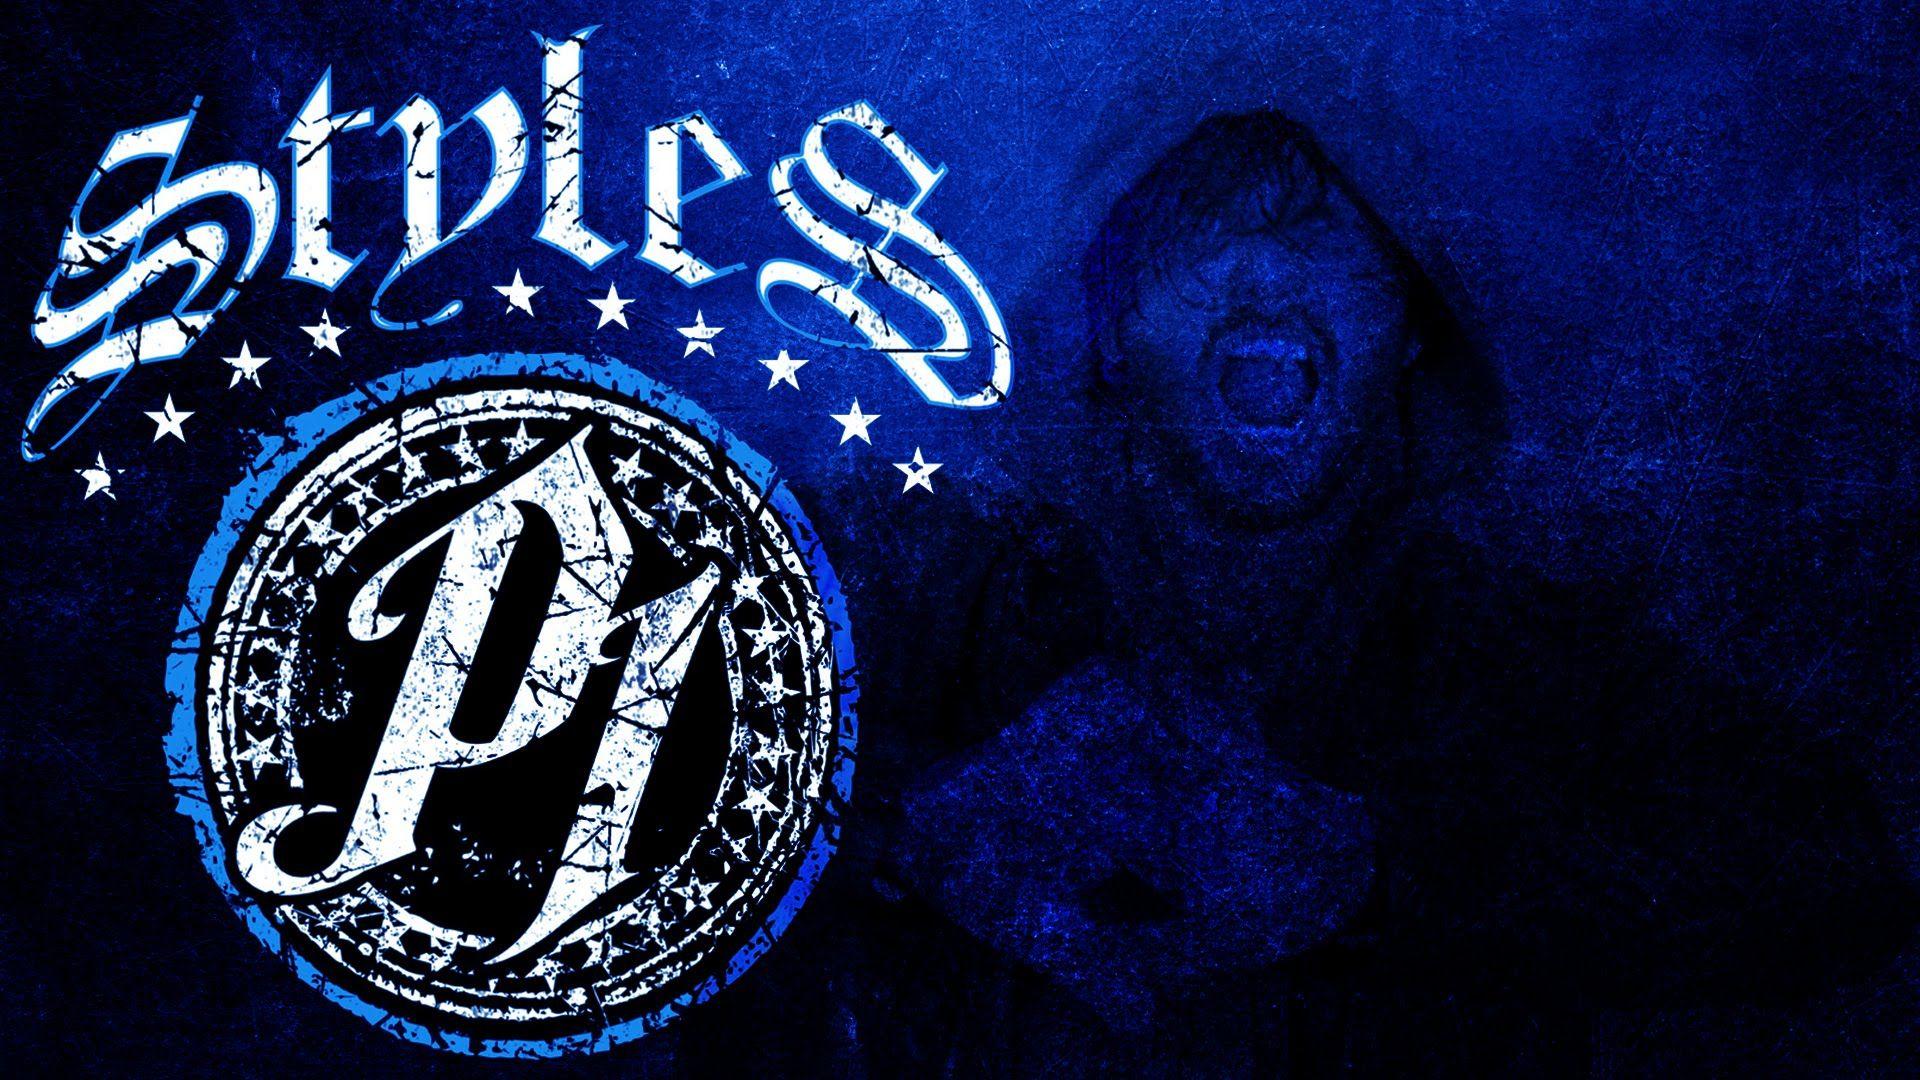 Aj Stials Aj Styles Wallpaper Hd Hd Wallpapers Backgrounds Images Art Aj Styles Image Aj Styles Wwe